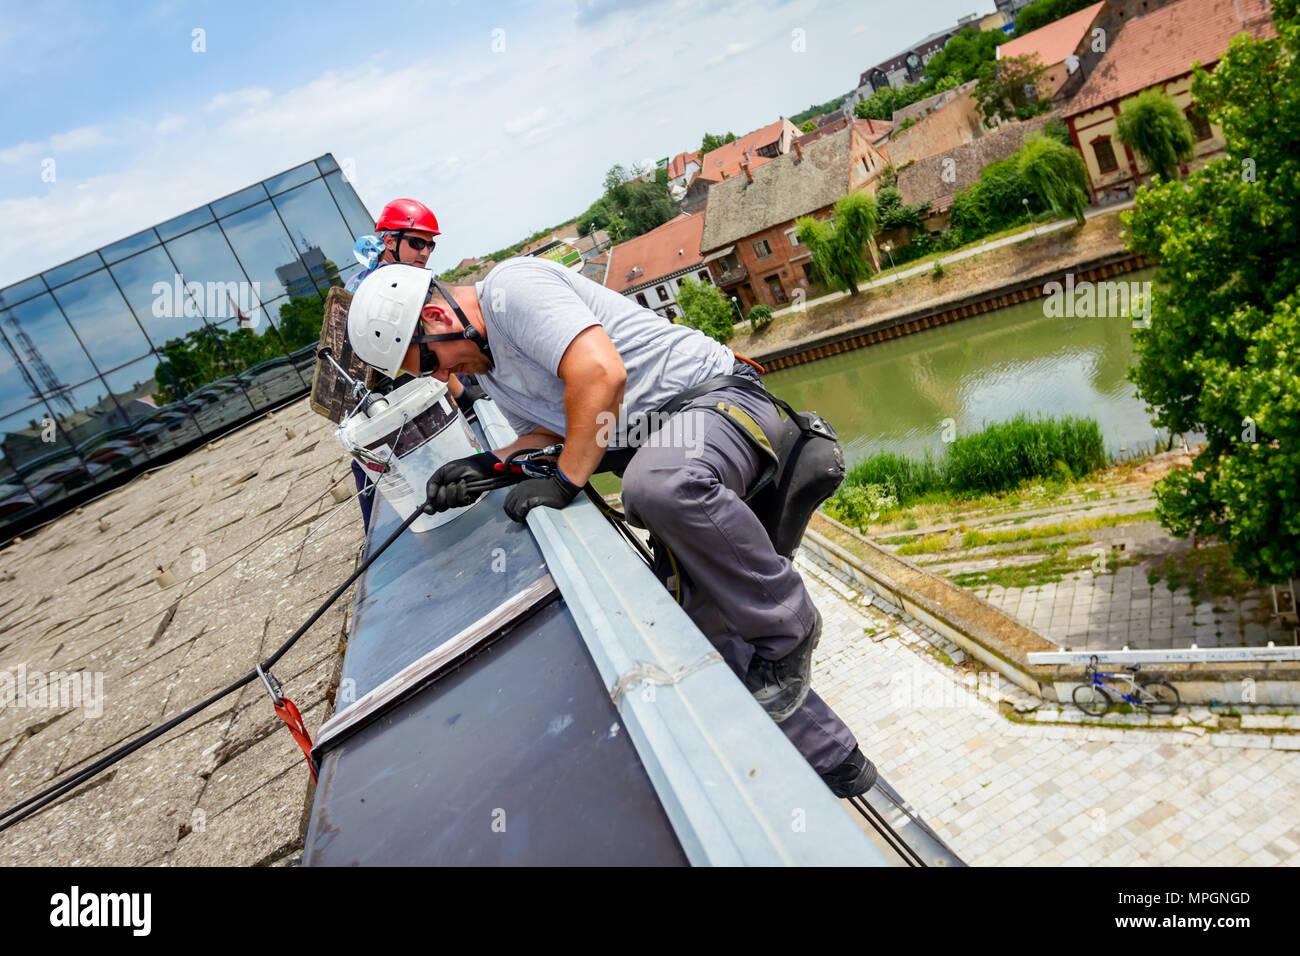 Escalador, alpinista industrial, se pasa por el borde del techo. Él es bajar a lavar el edificio. Imagen De Stock